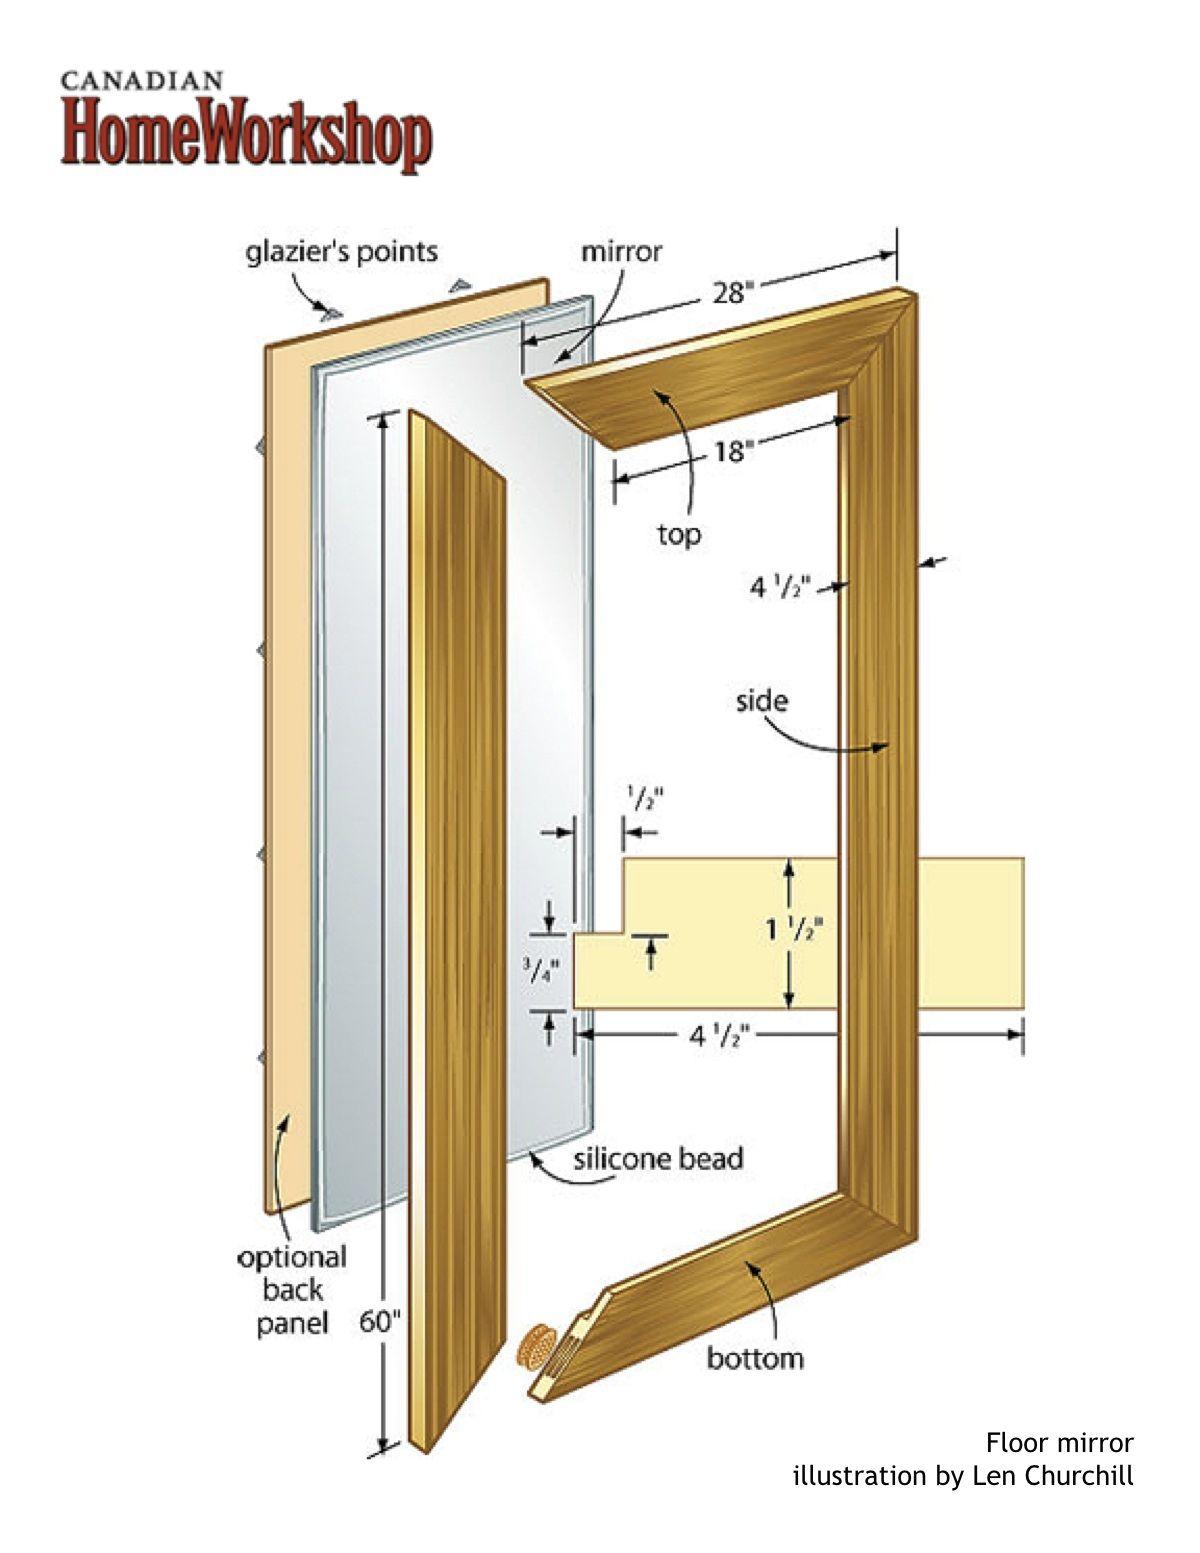 Diy Floor Mirror I Have An Old Sliding Closet Door